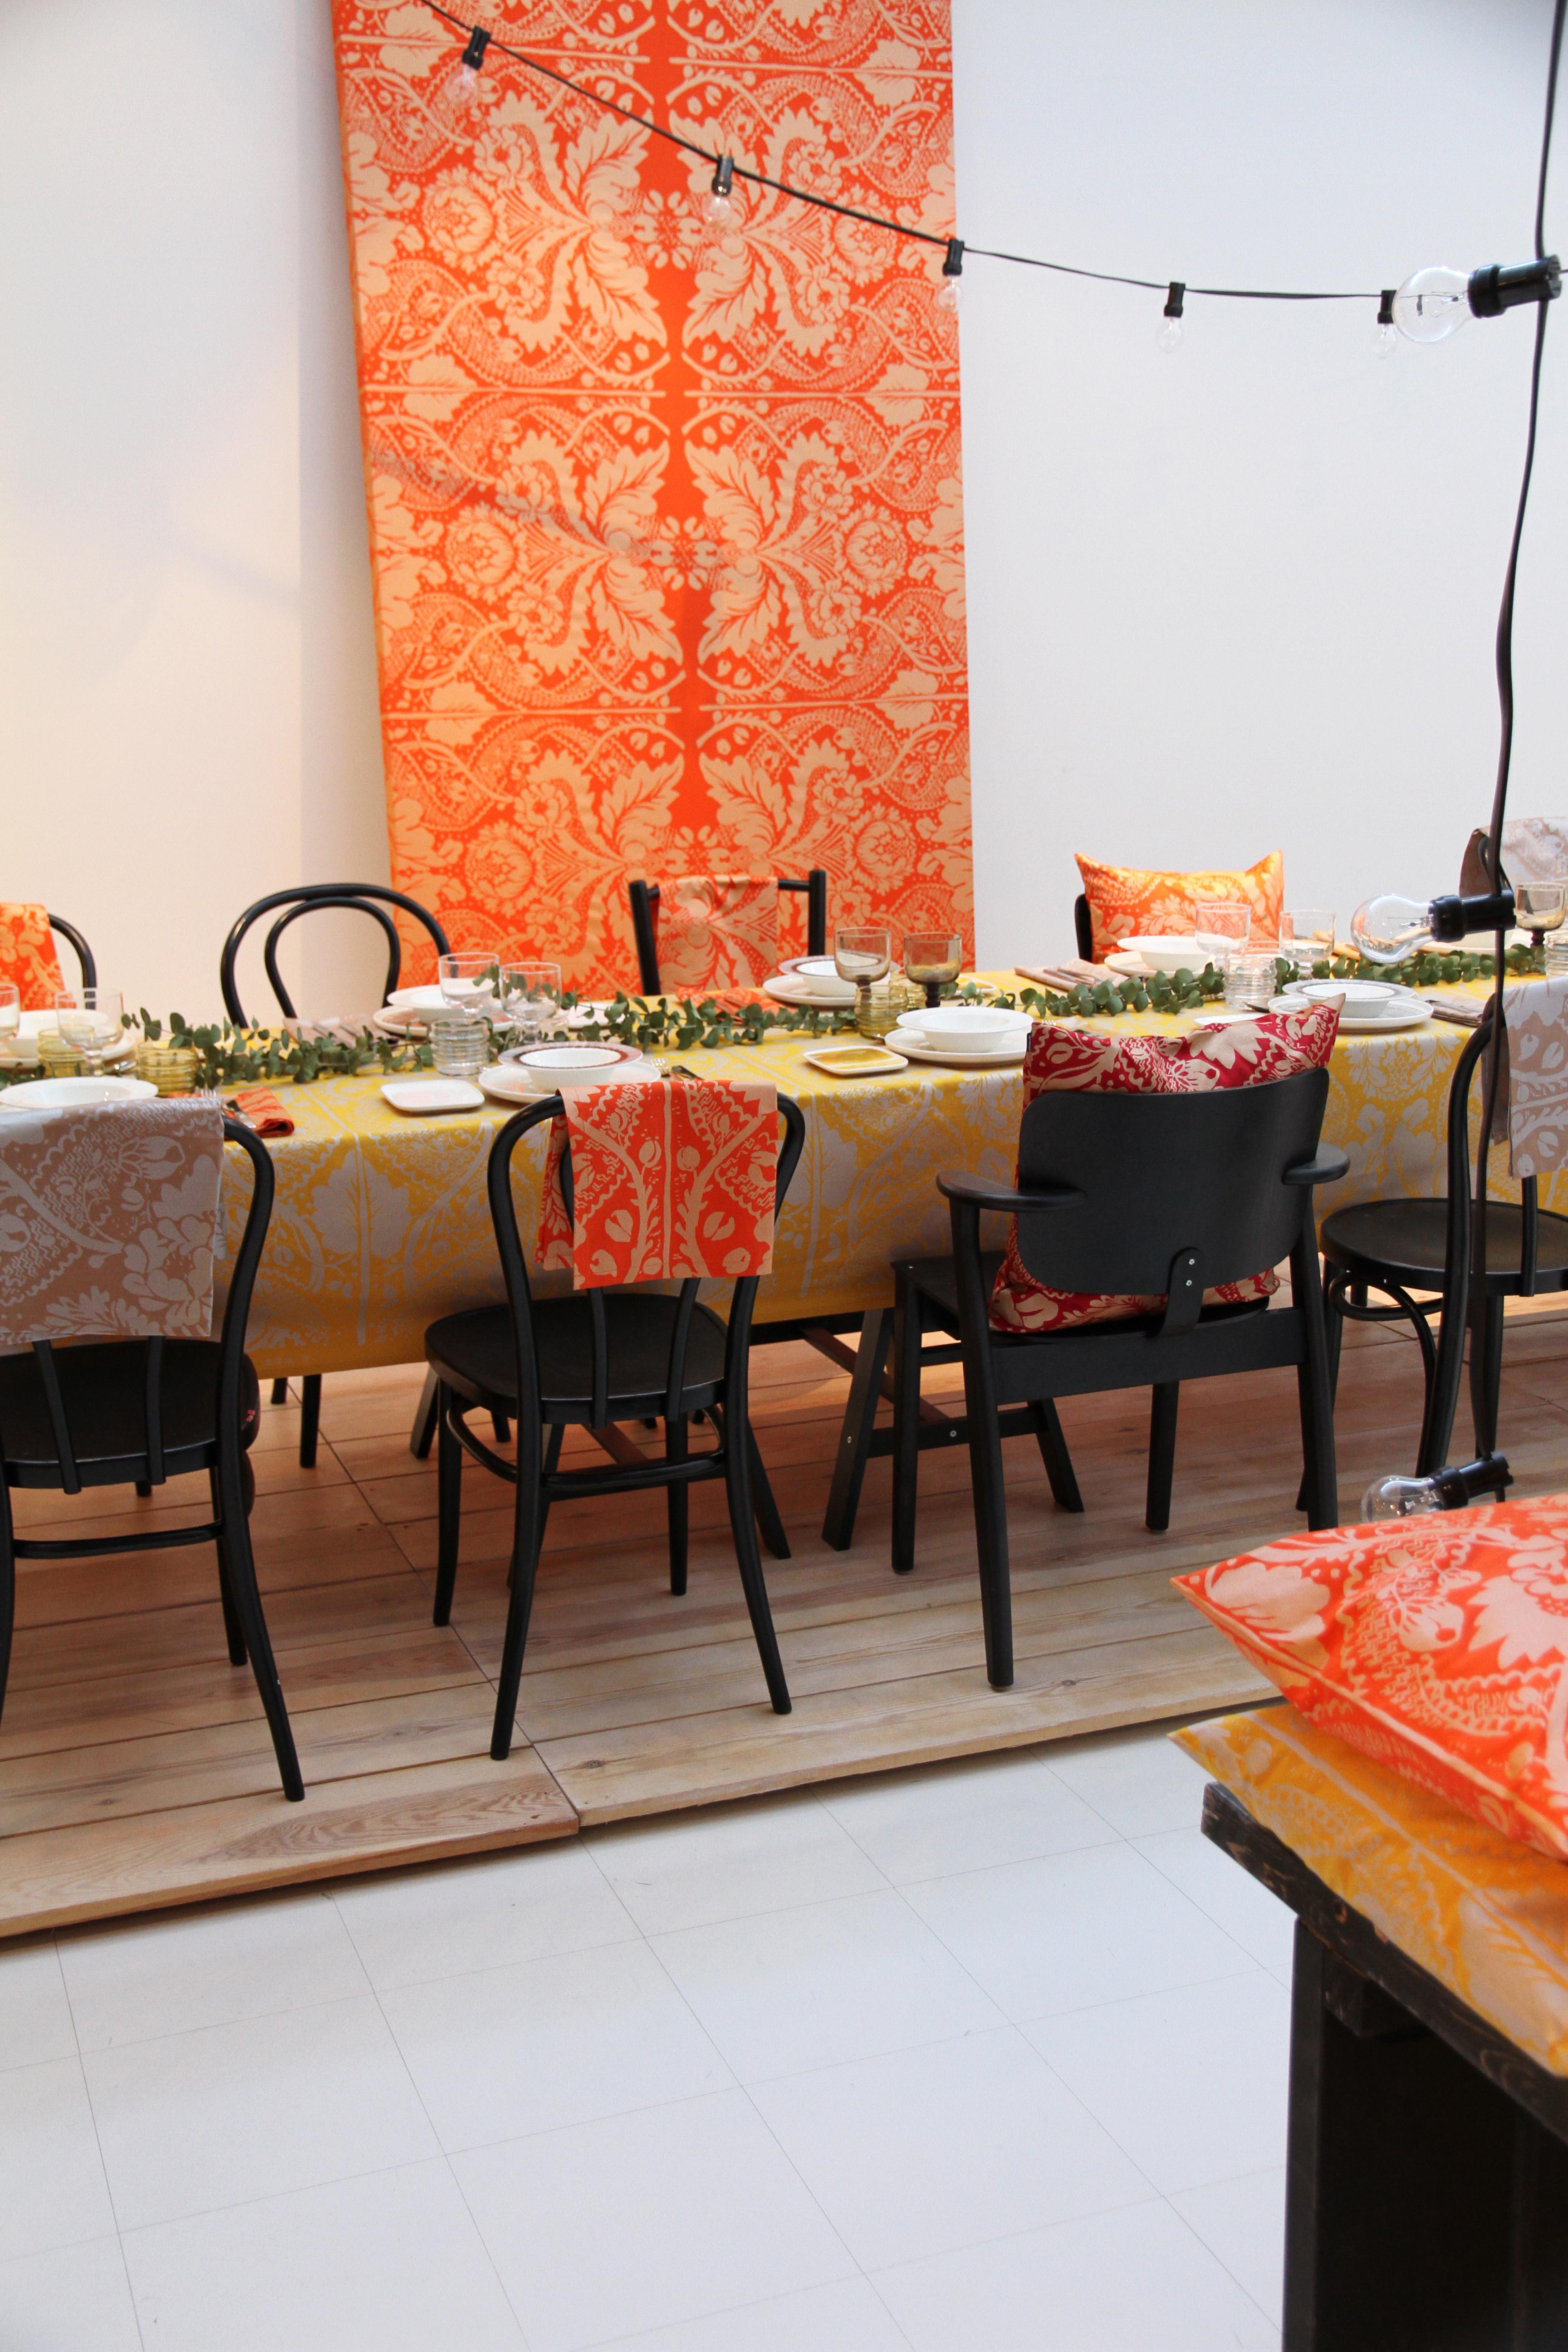 hunajaista sisustusblogi marimekko 2014 joulu syksy mallisto kattaus ruokailutila